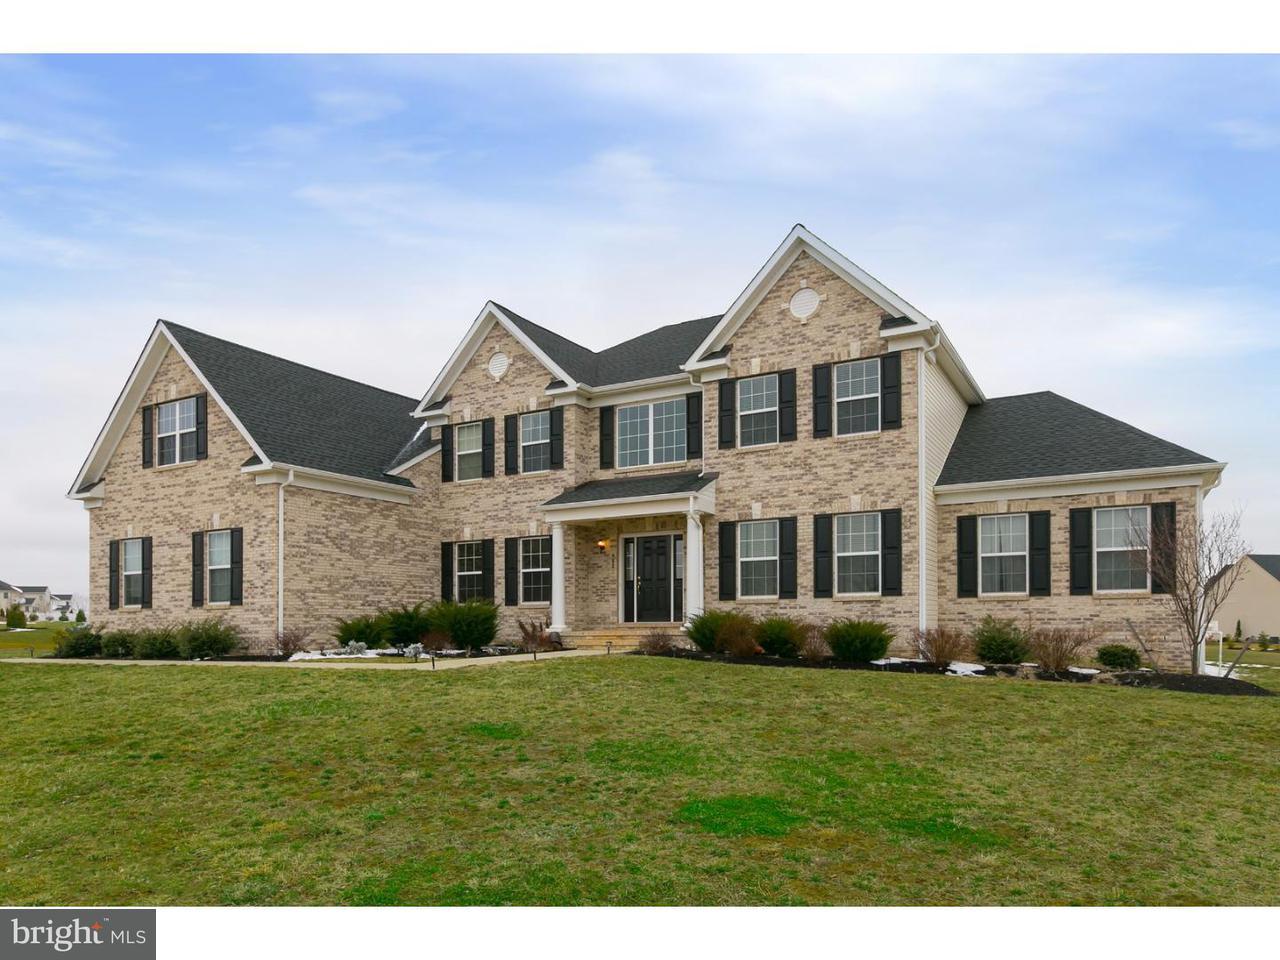 Частный односемейный дом для того Продажа на 403 CATTAIL Court Mullica Hill, Нью-Джерси 08062 Соединенные Штаты